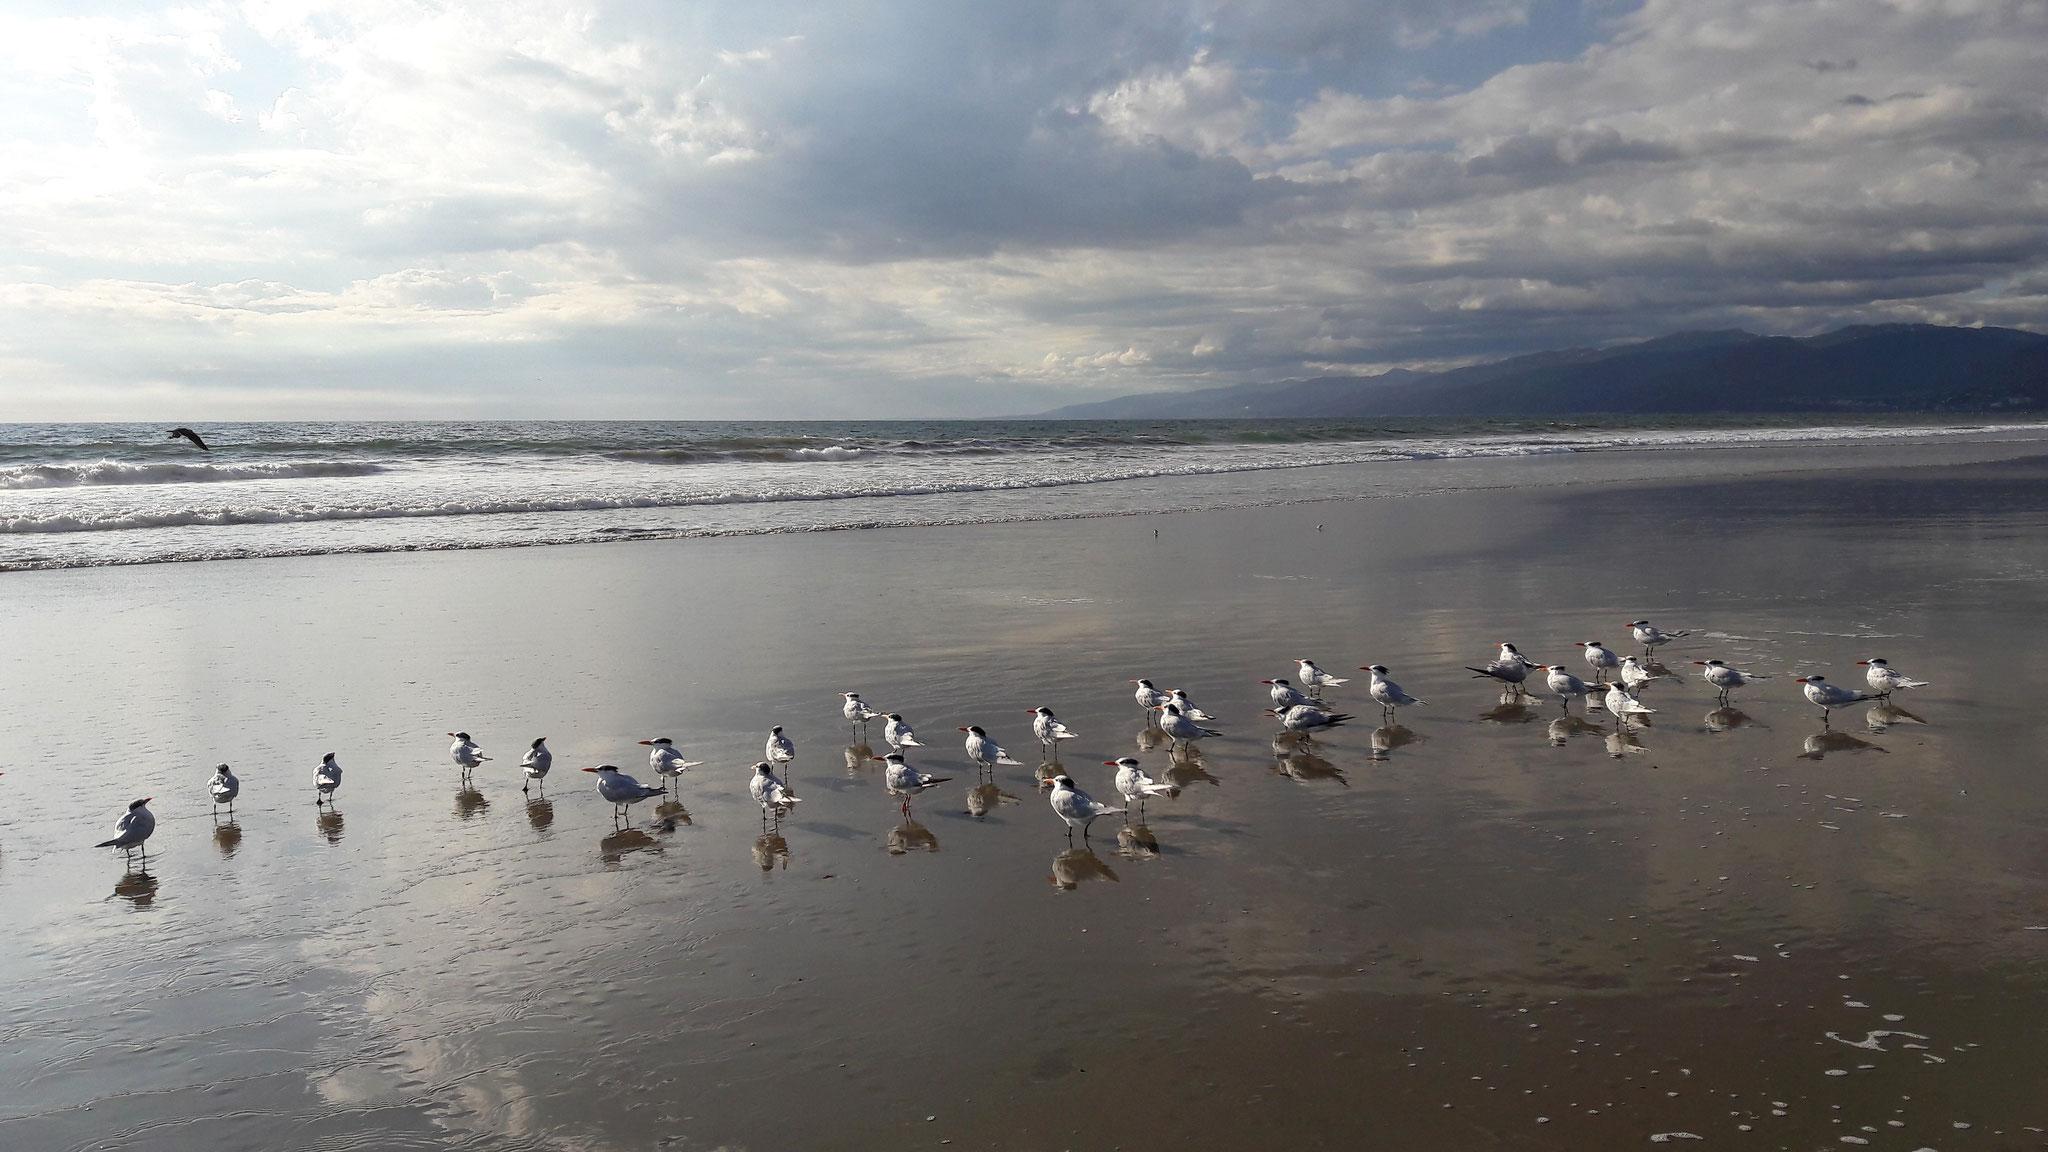 Am Meer müssen die Möwen nicht immer in der Ferne fliegen. Manche Vögel bleiben auch einfach entspannt sitzen, während du mitten durch den Haufen läufst.